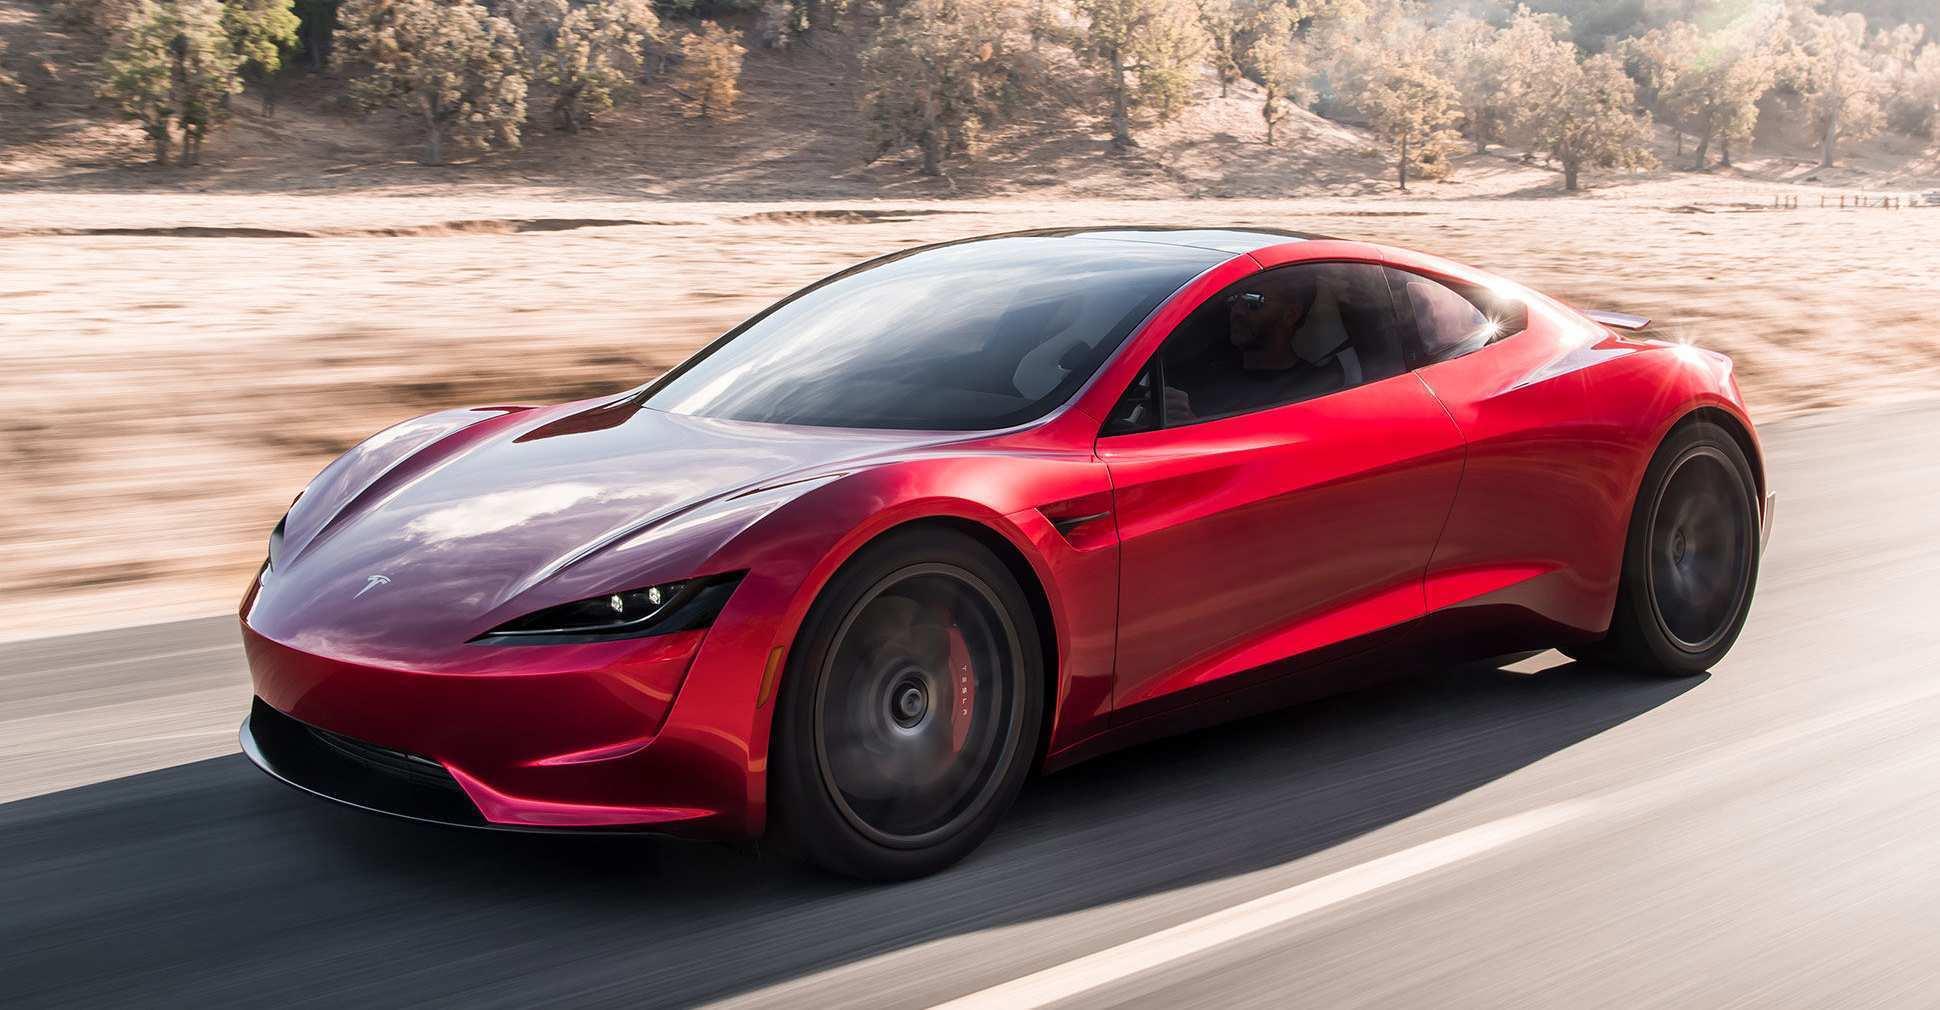 95 Great 2020 Tesla Roadster 0 60 Spy Shoot by 2020 Tesla Roadster 0 60